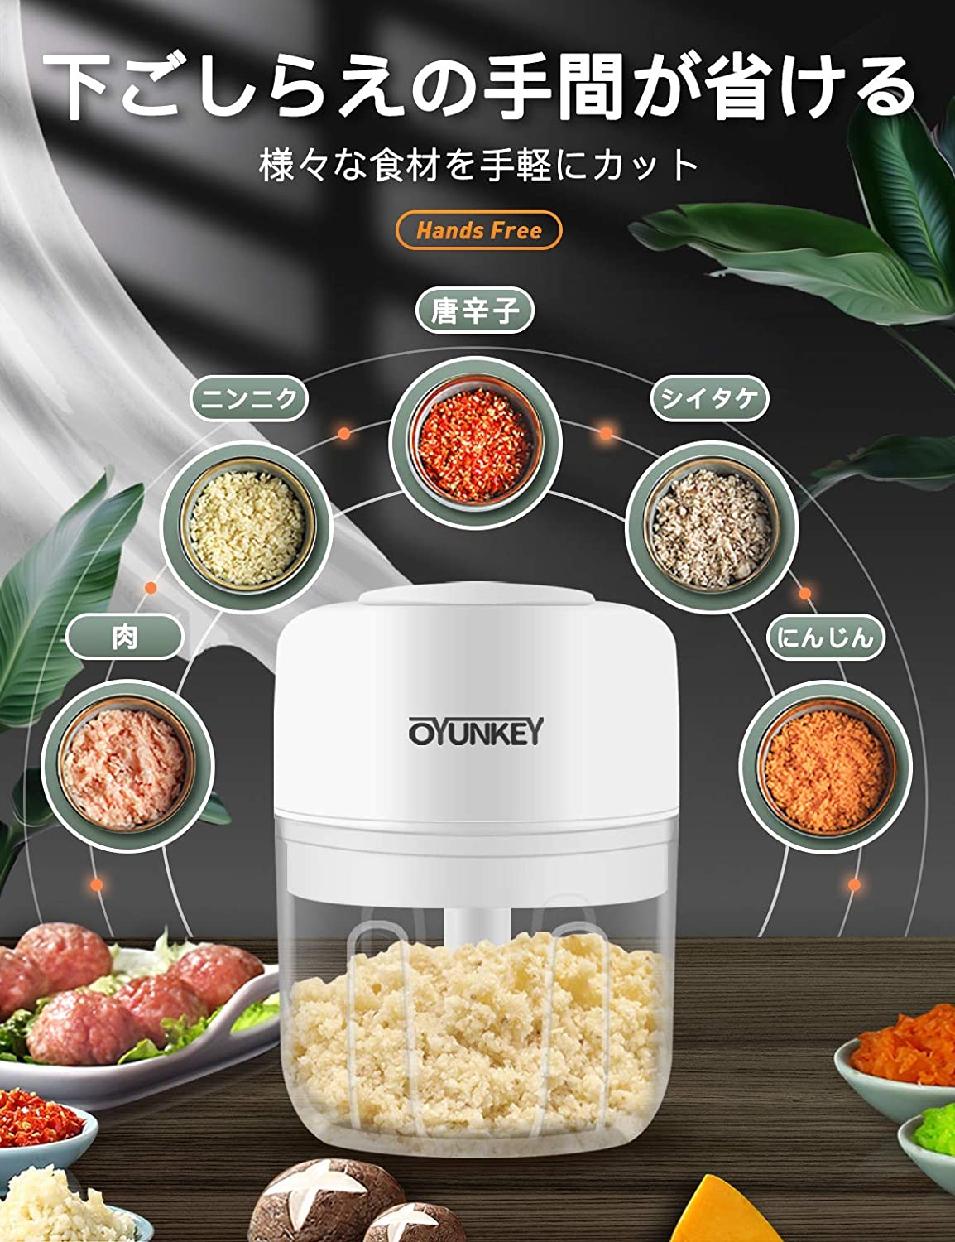 OYUNKEY(オーワイユーキー)みじん切り器 電動 チョッパーの商品画像2